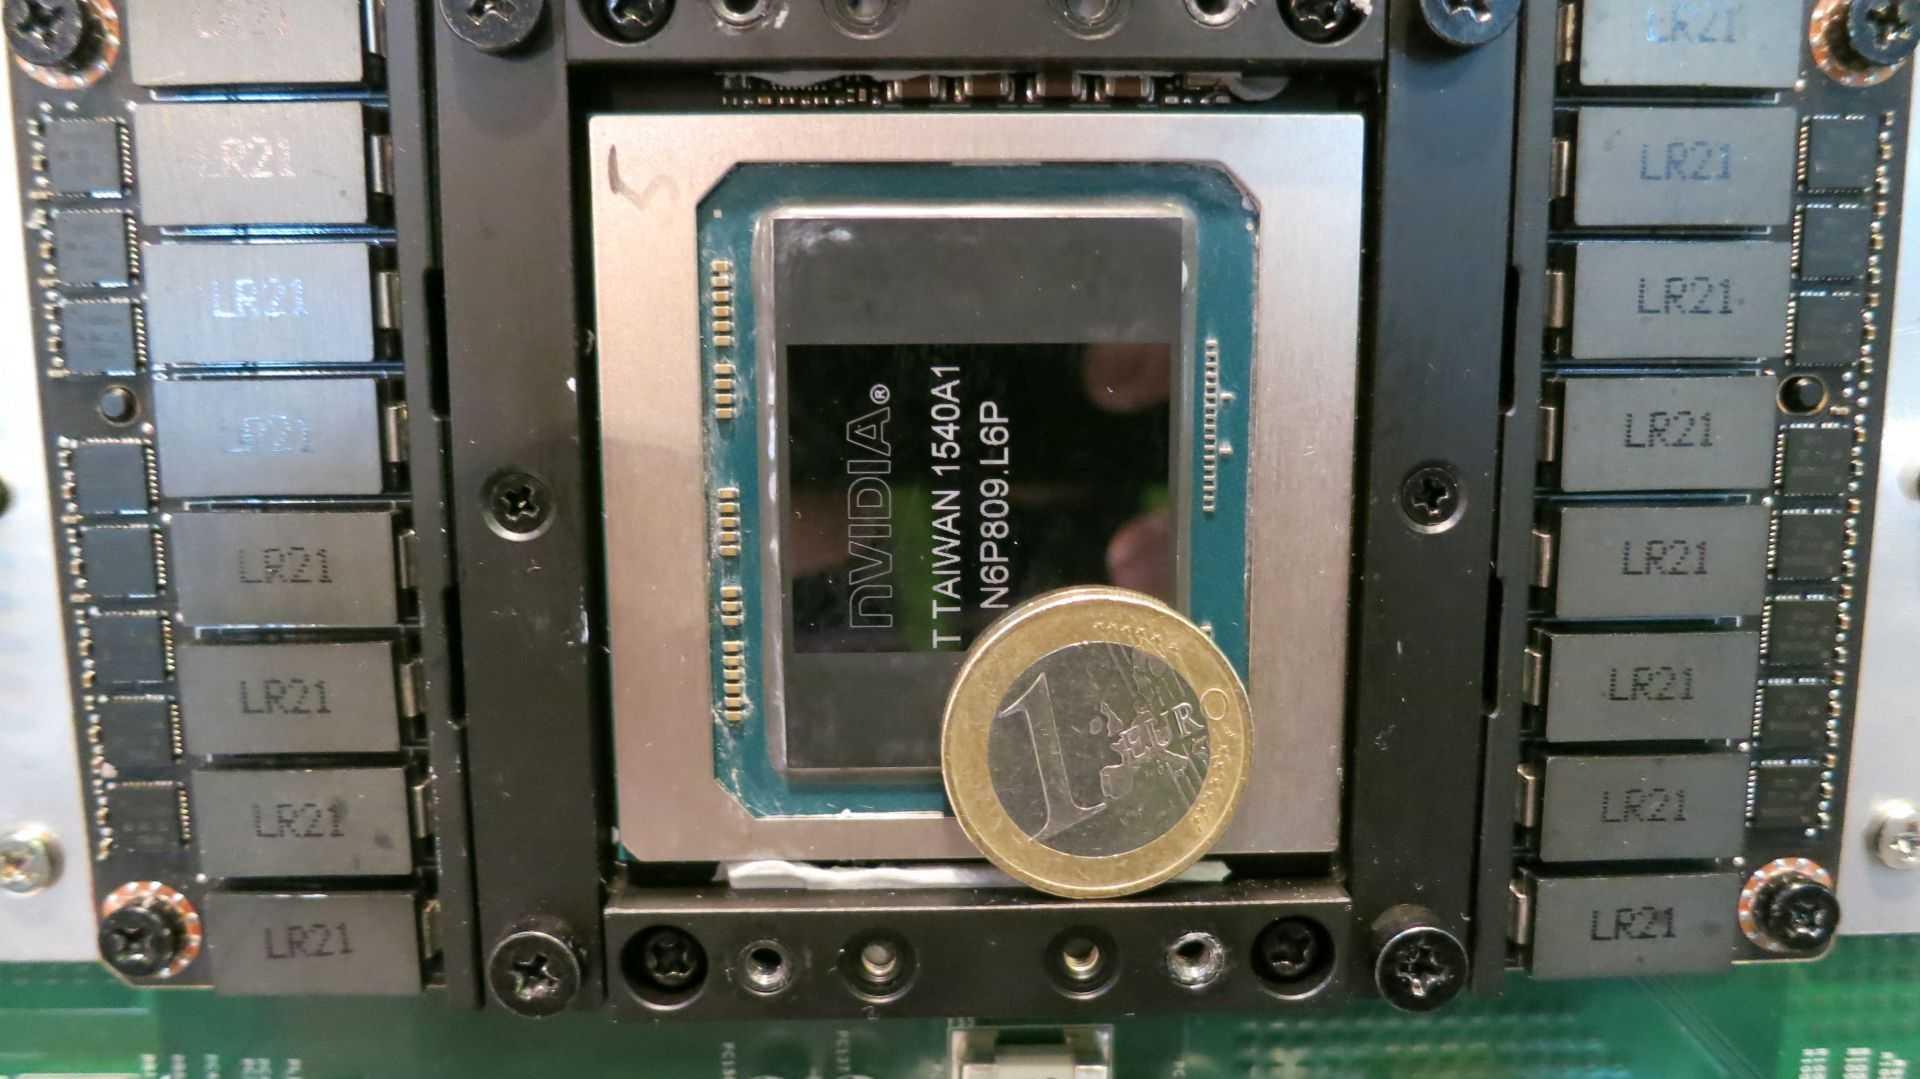 Lauffähige Pascal-Systeme waren auf der GTC Mangelware. Bei QCT gabs immerhin ein paar P100-Module zu knipsen, die sich aber verdächtig voneinander unterschieden. Der Euro dient als Größenvergleich.